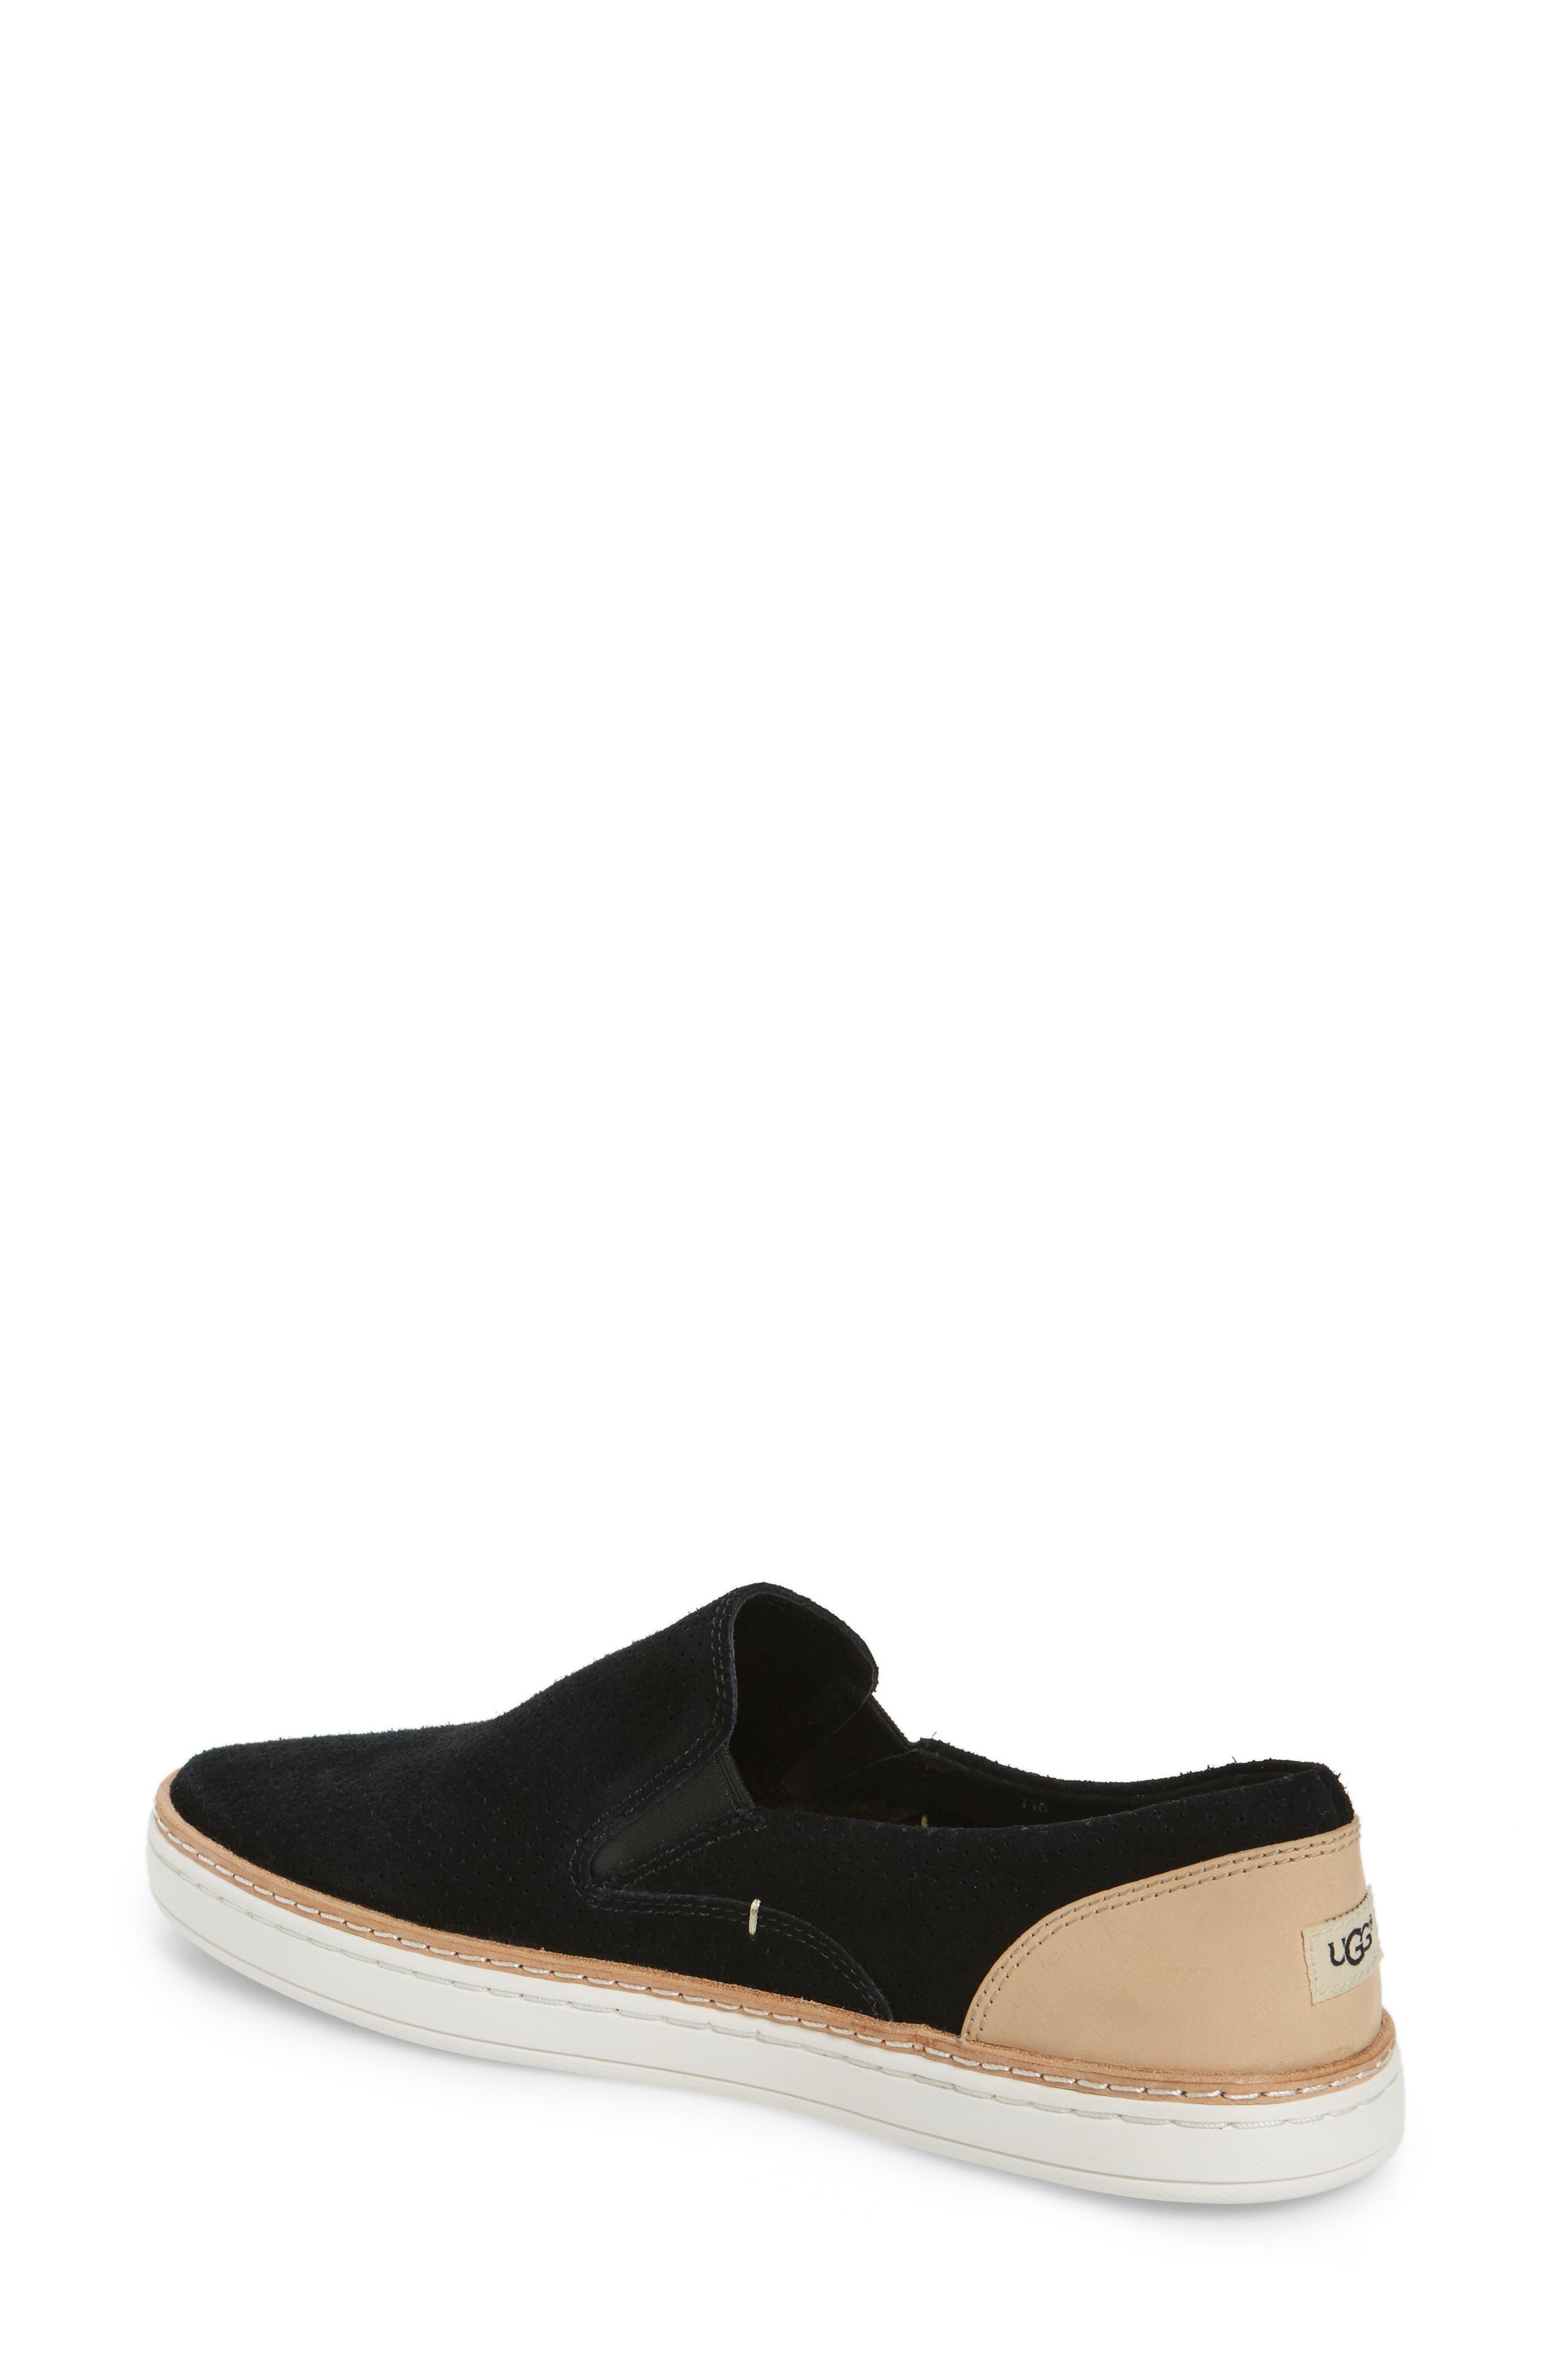 Adley Slip-On Sneaker,                             Alternate thumbnail 13, color,